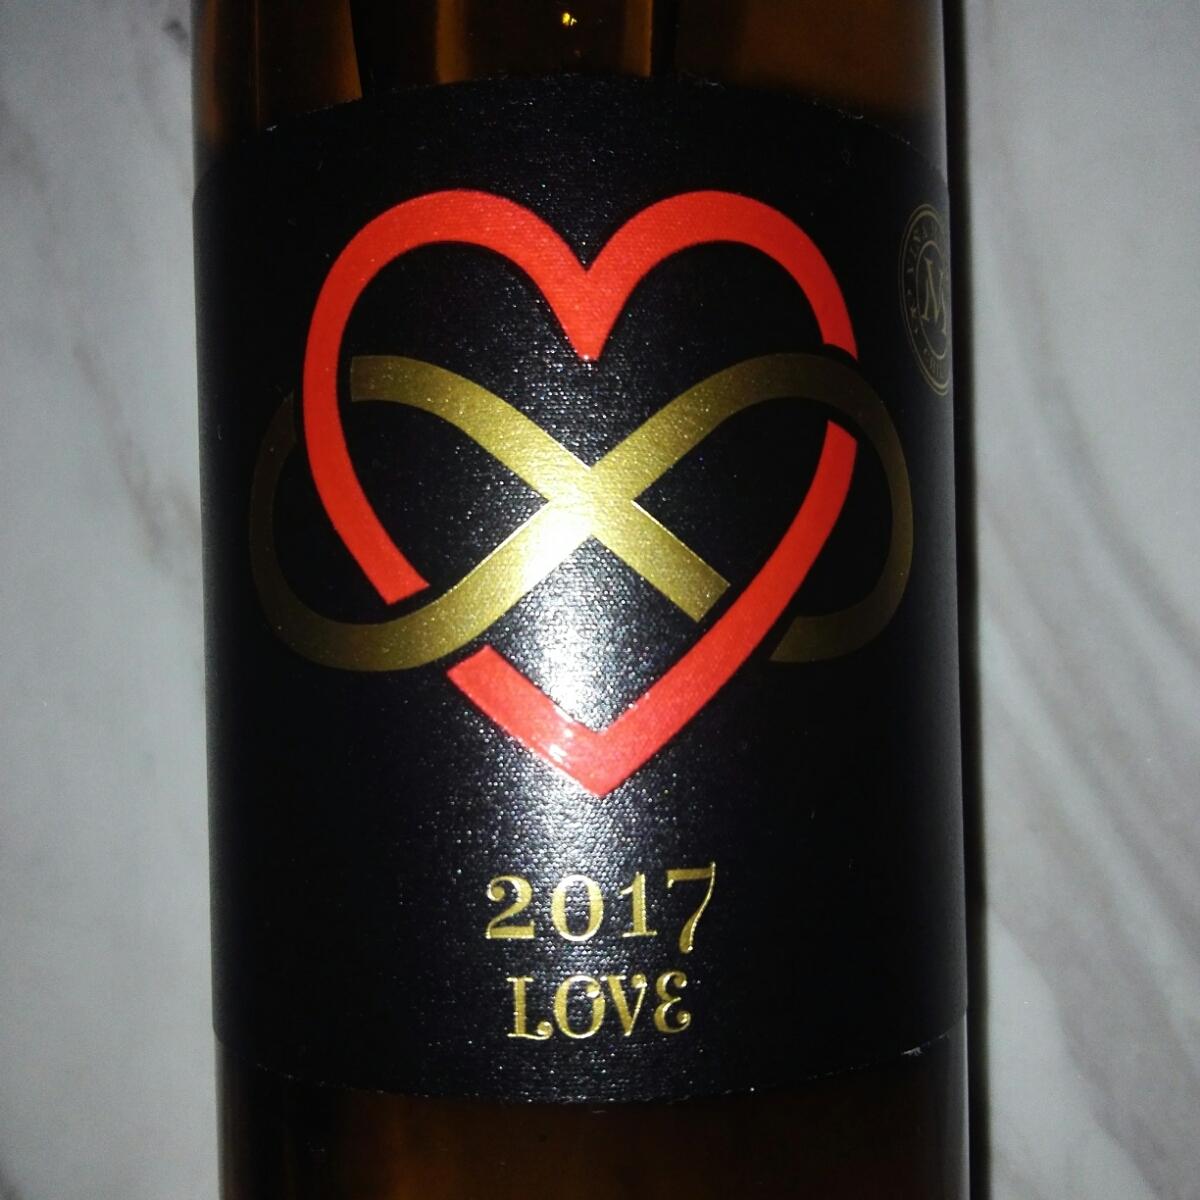 LOVEワイン 2017 Chardonnay シャルドネ Sauvignon Blanc ソーヴィニヨンブラン LOVE ラブワイン 白ワイン チリワイン 恋人 愛 ジャケ買い_画像2